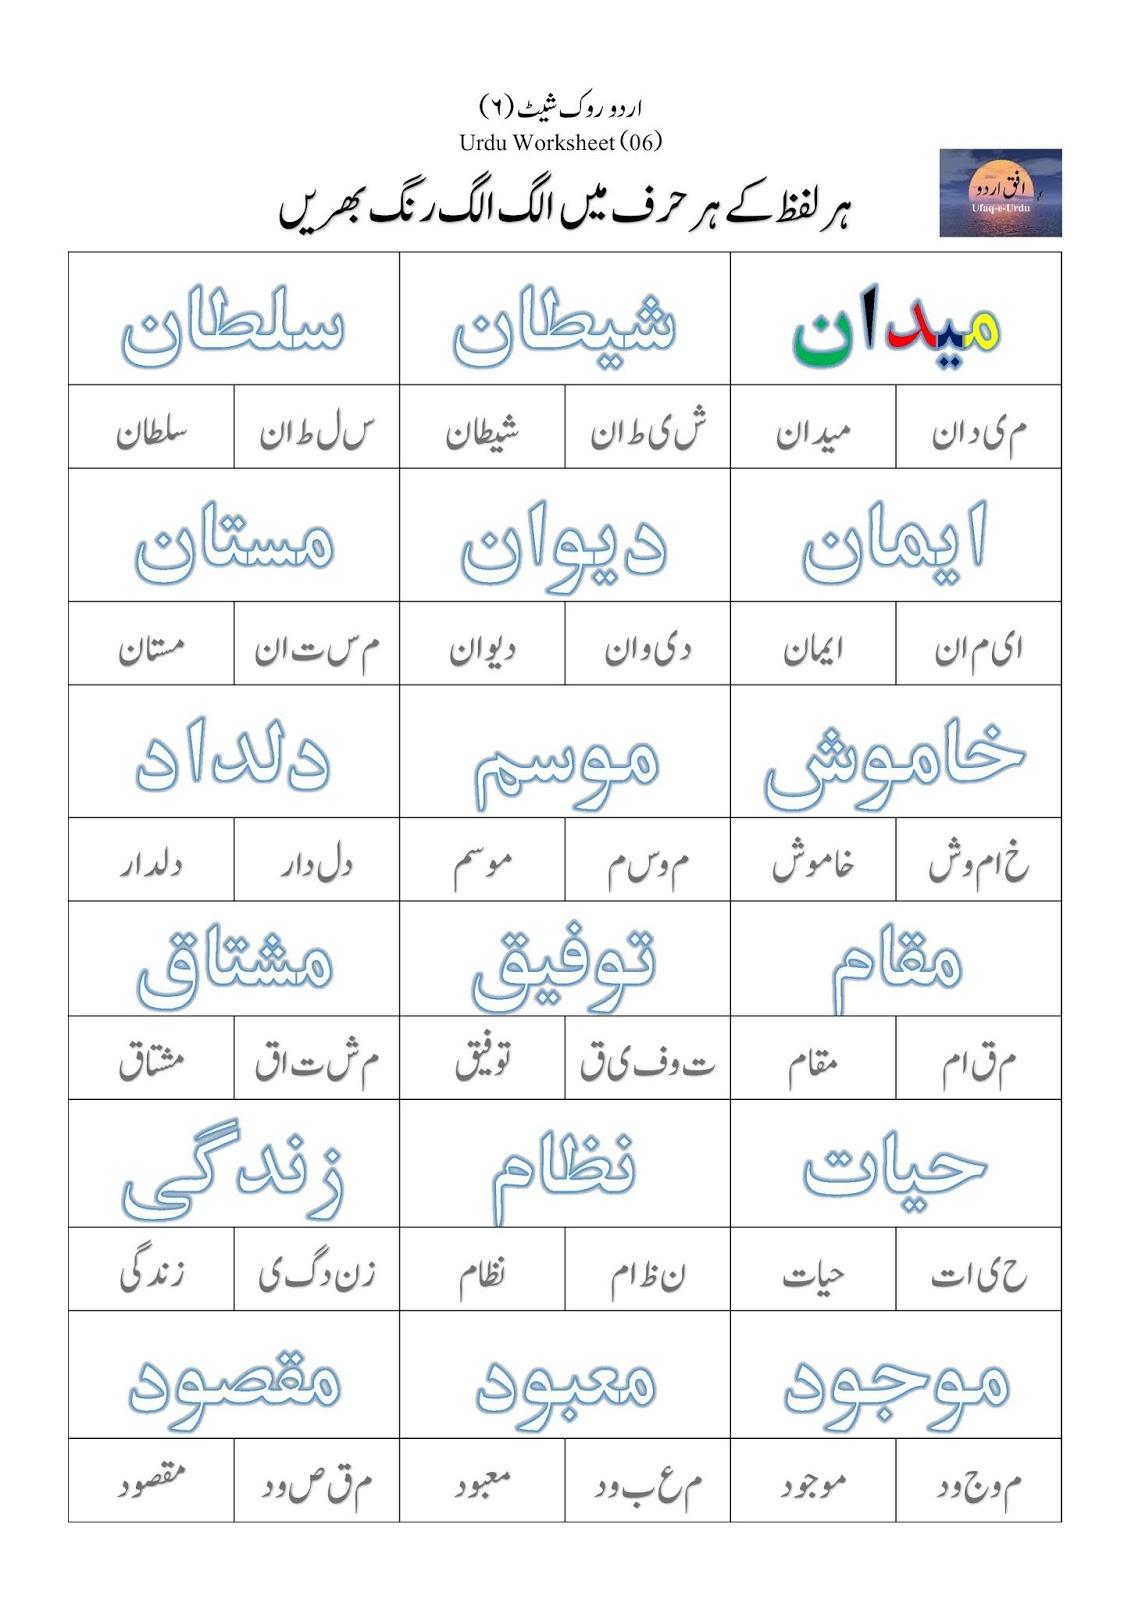 Urdu Worksheets 06